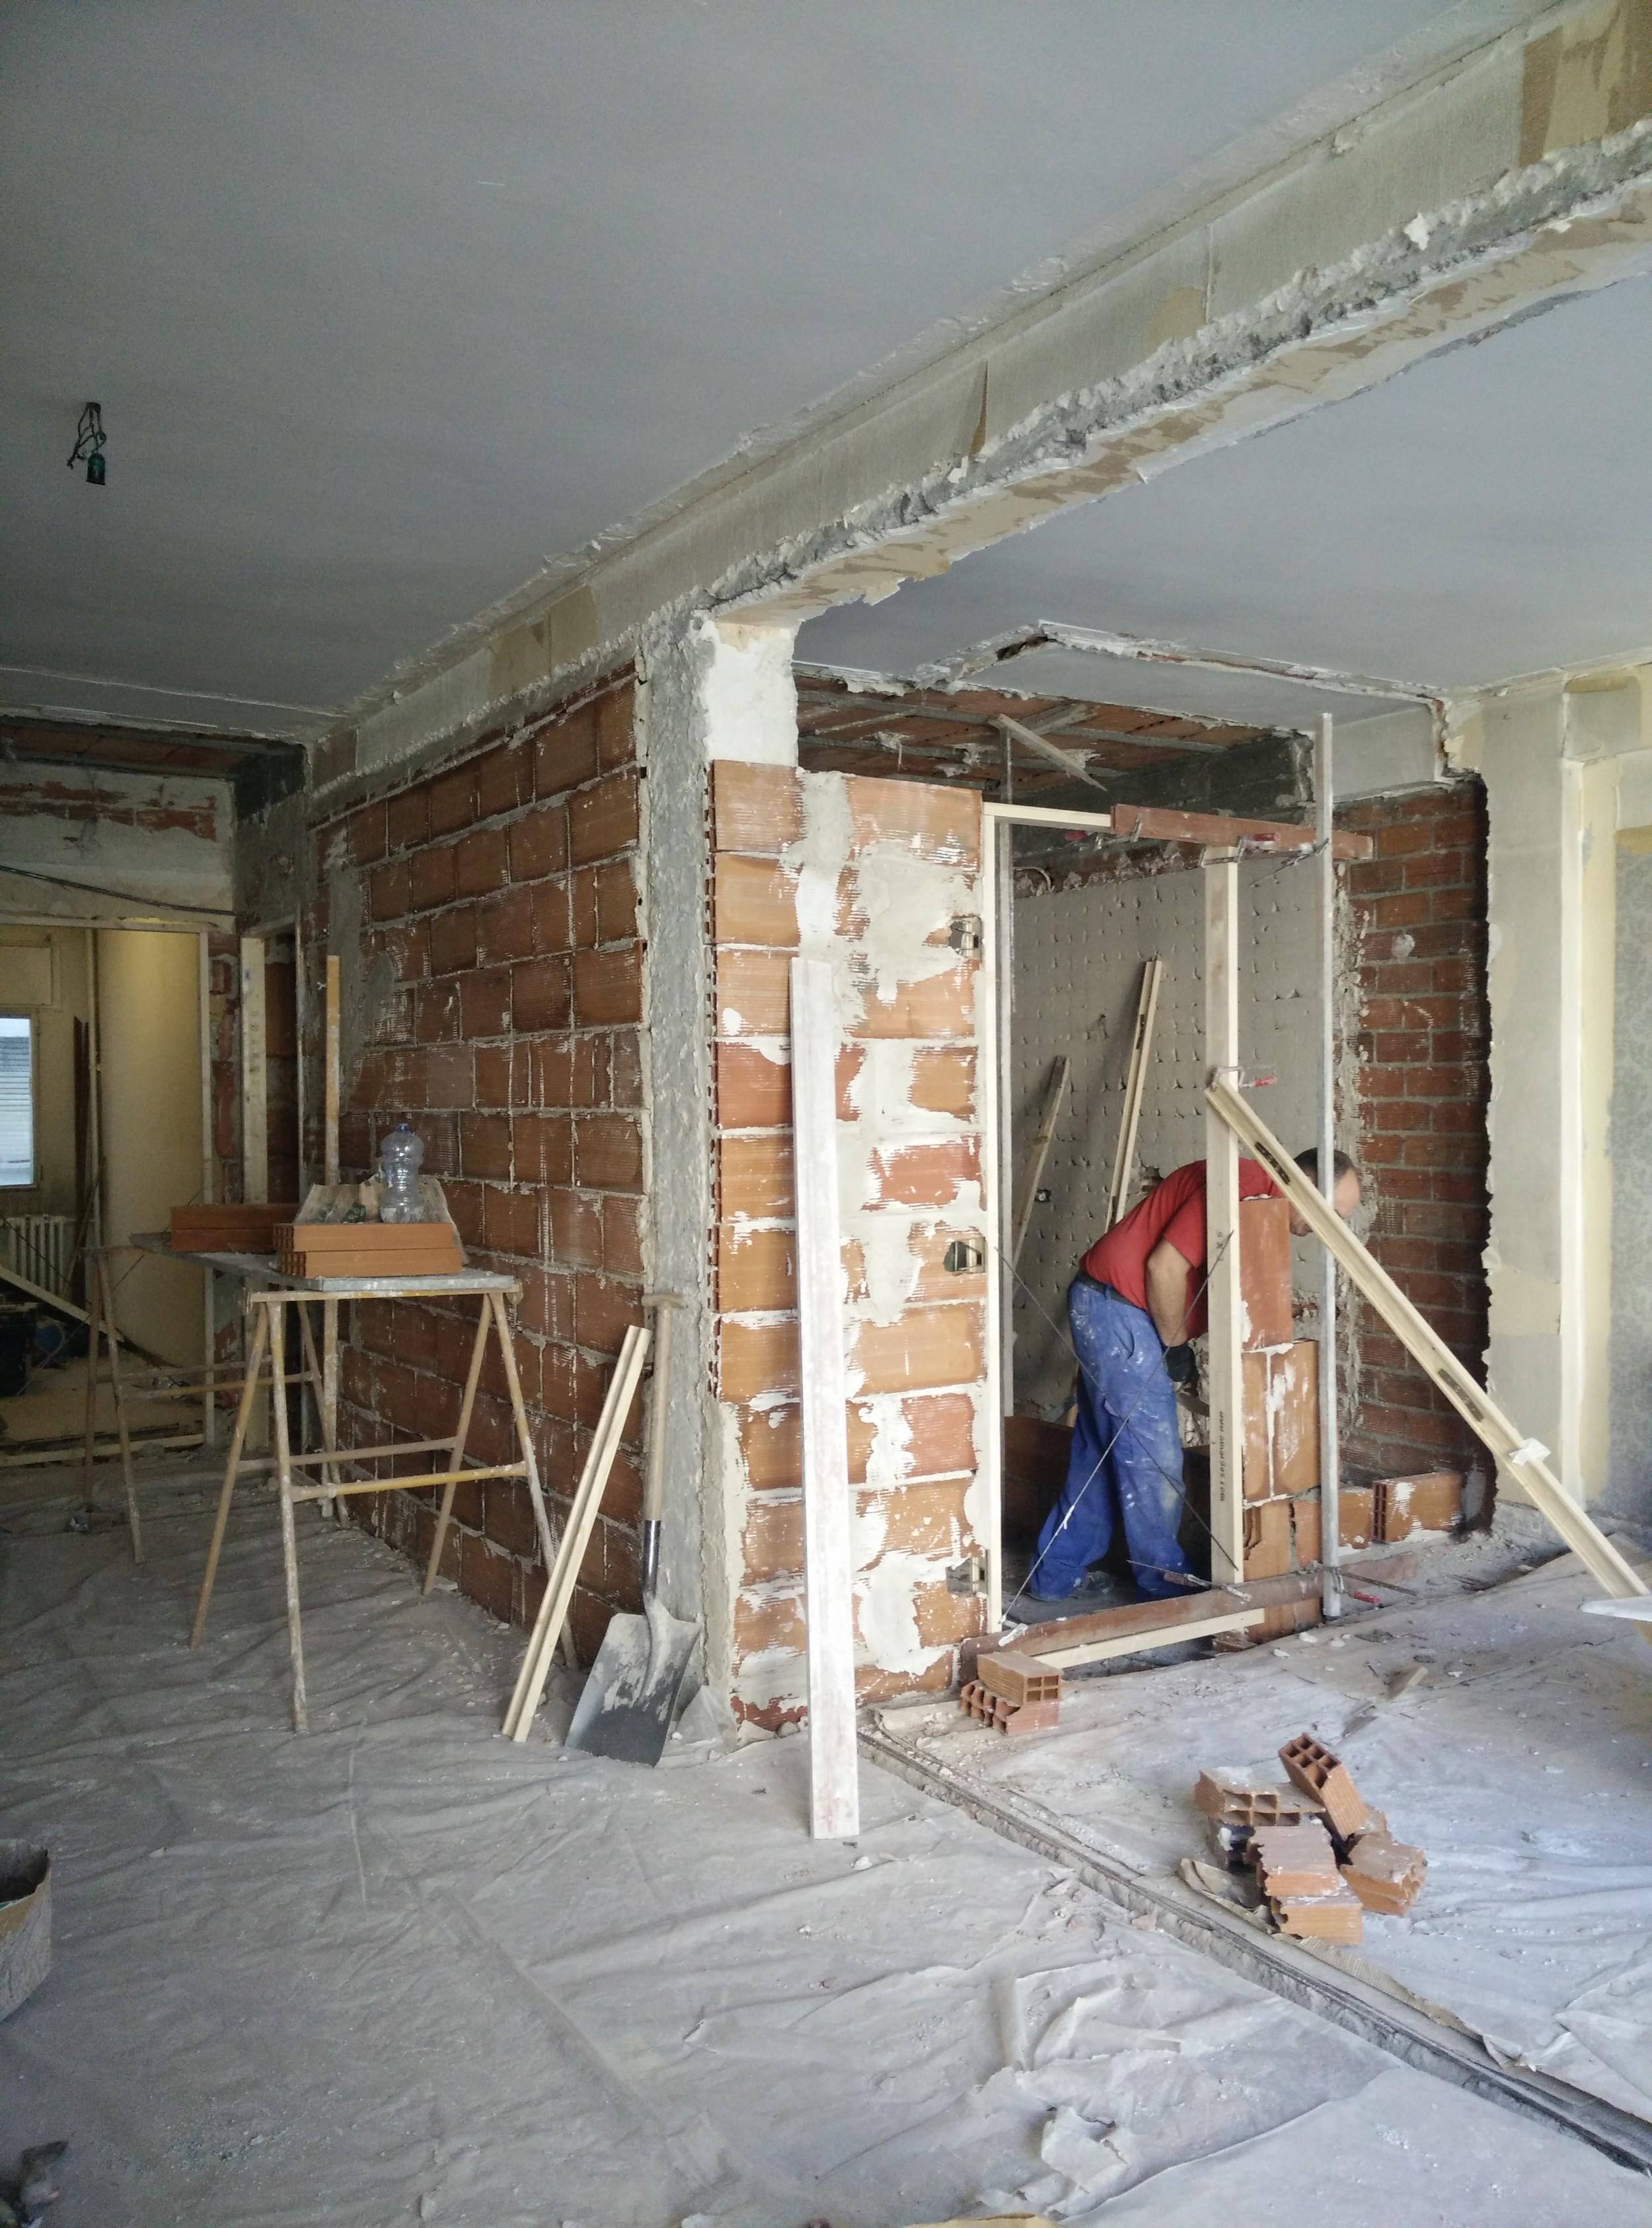 Reformar Casas Antiguas Stunning Reformar Casa Vieja With  ~ Cuanto Cuesta Rehabilitar Una Casa